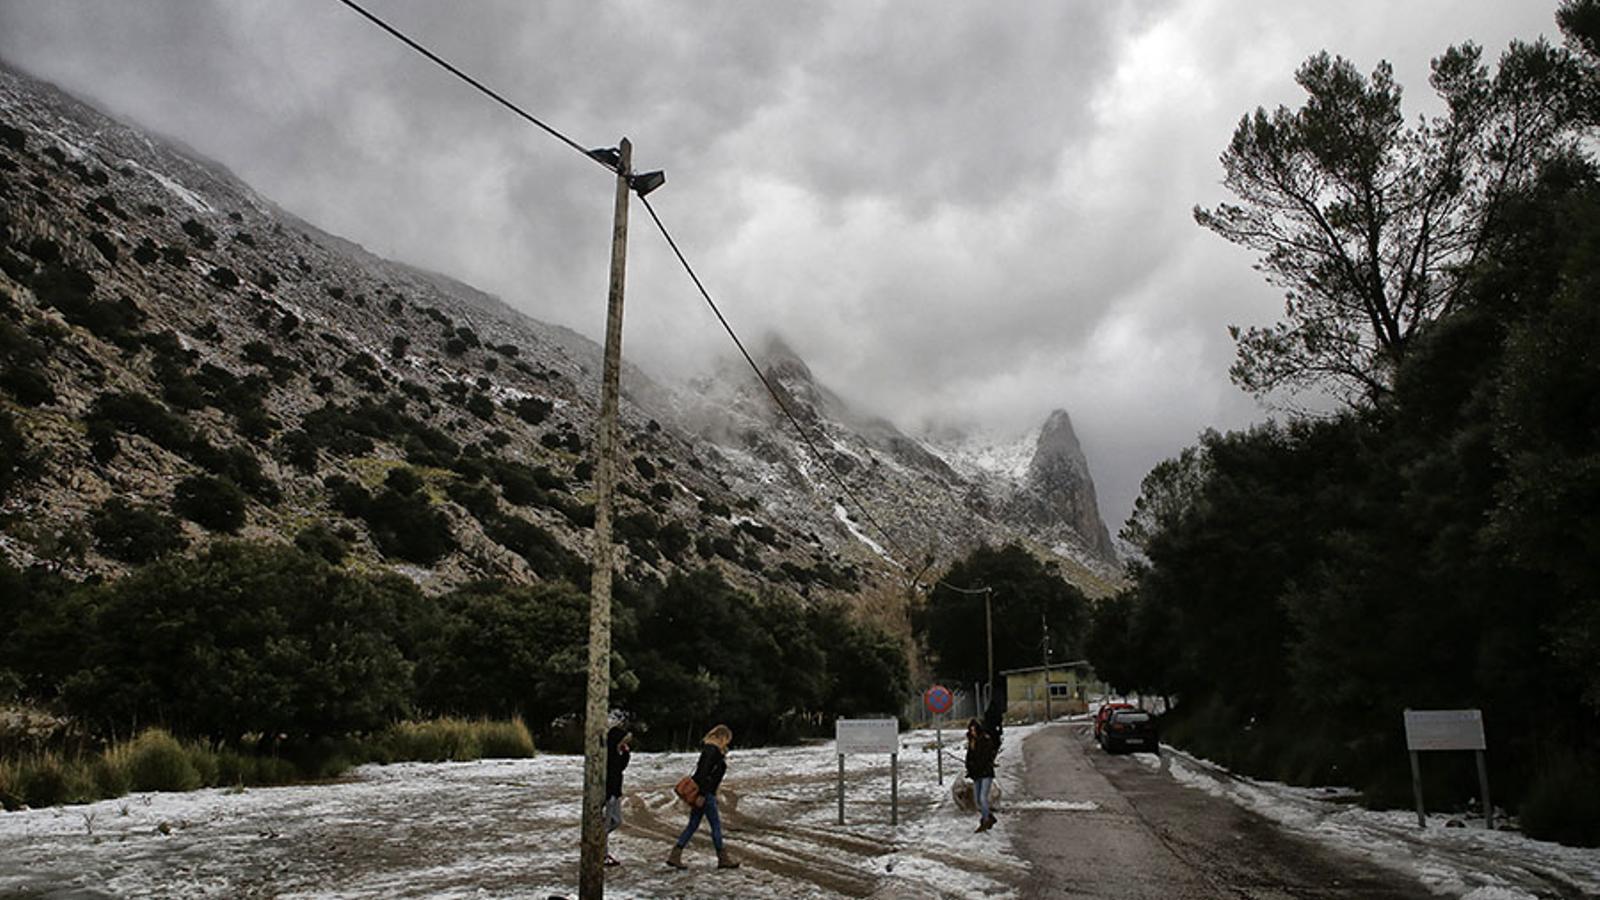 La cota de neu baixarà fins als 400 metres a les Illes a partir de dimecres. / ARA BALEARS